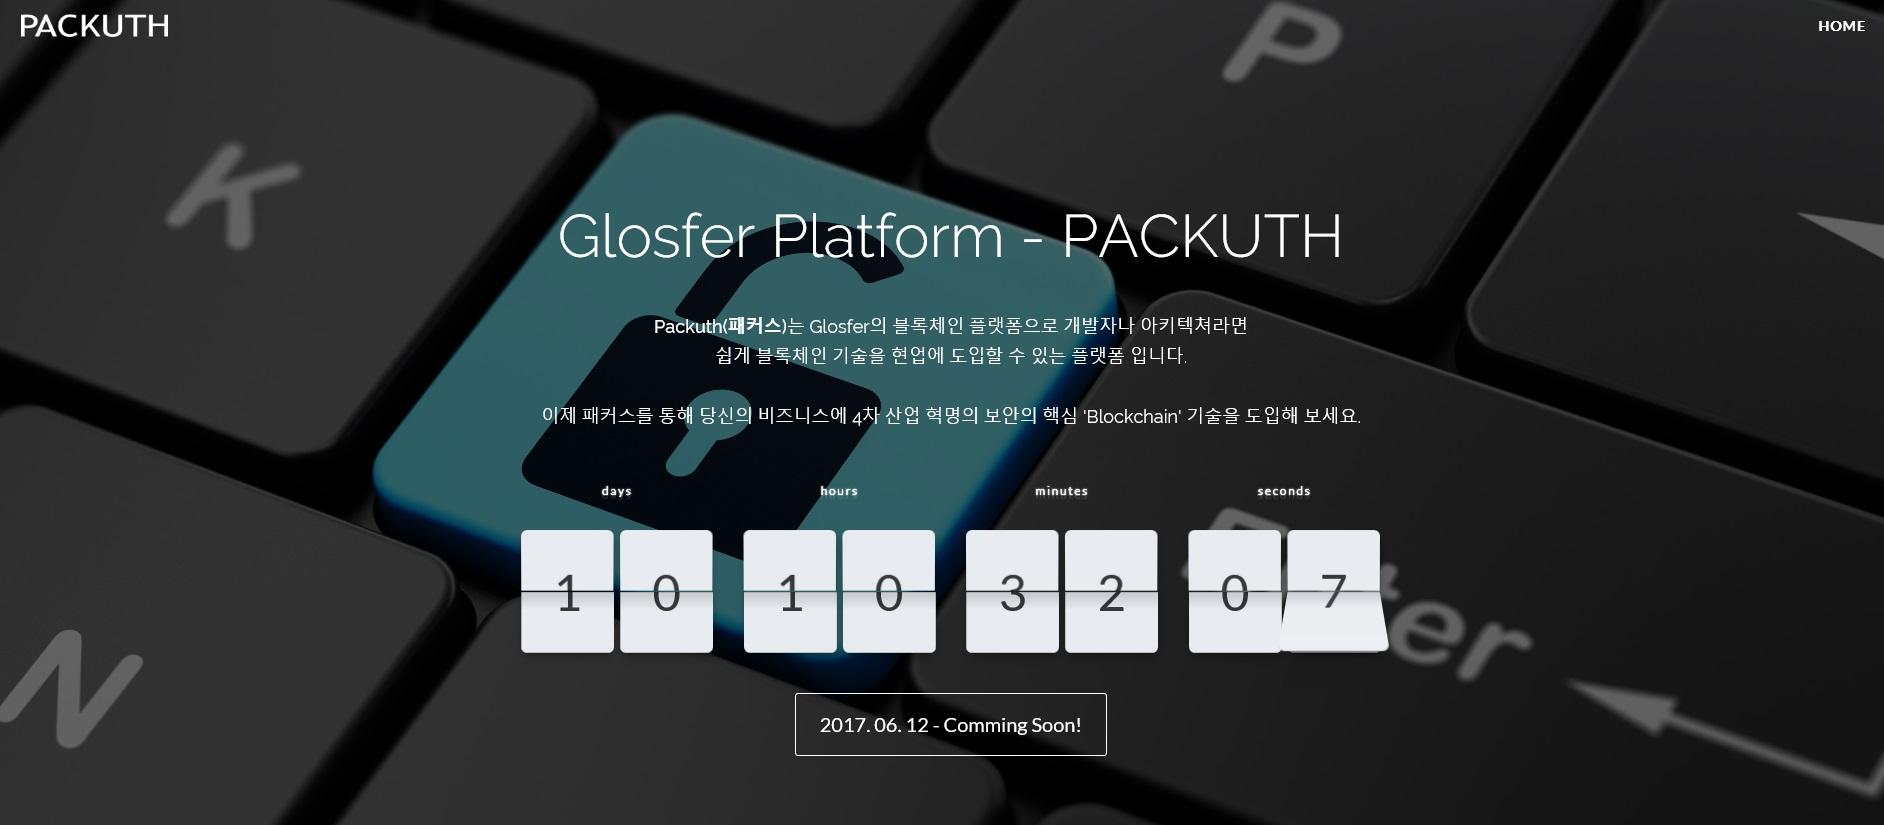 글로스퍼의 국내최초 MWB기반의 블록체인 플랫폼 팩커스(Packuth)